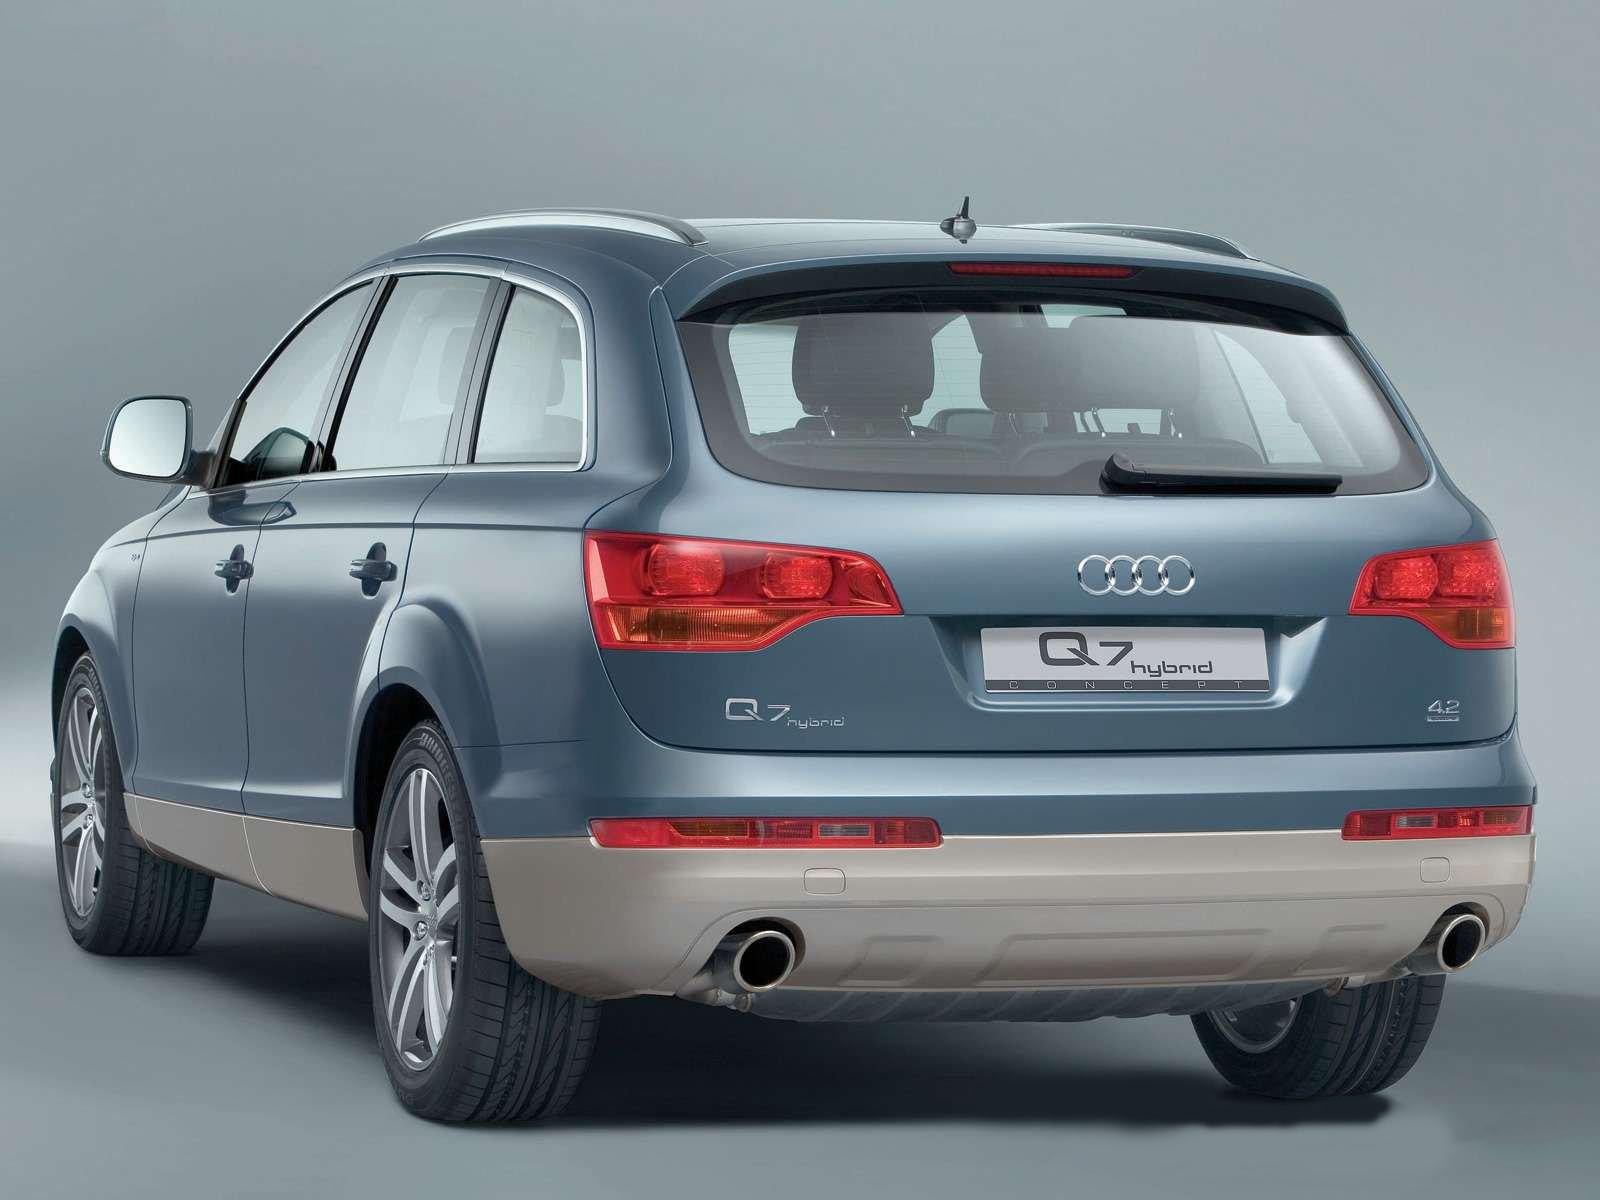 Audi q7 hybrid rear view